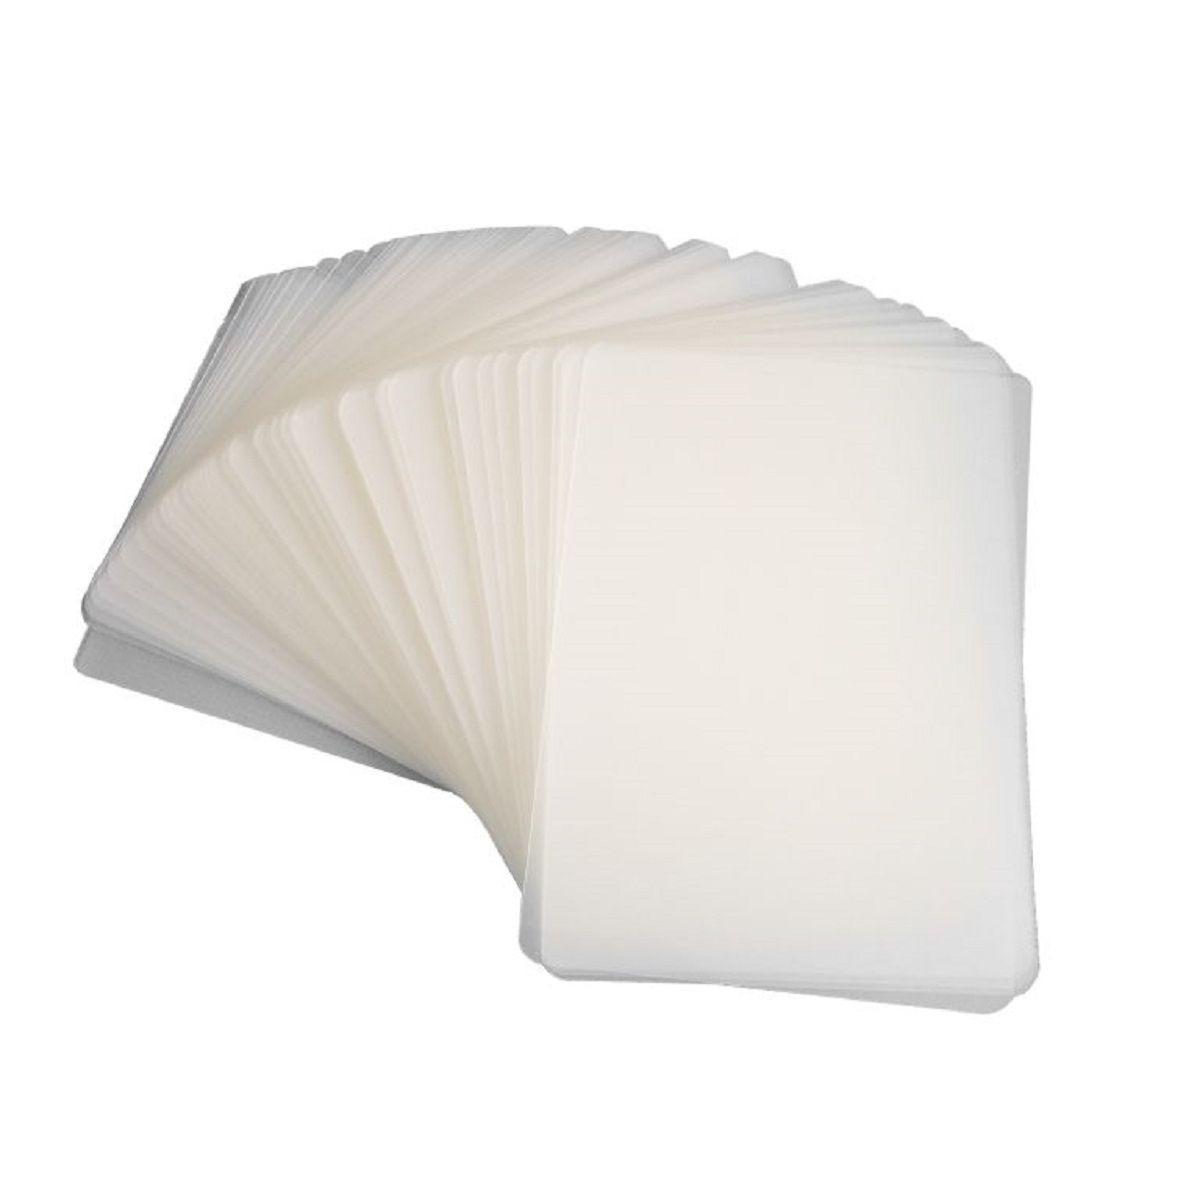 Kit 1000 Plasticos Polaseal para Plastificação RG 80x110x0,05mm (125 micras)  - Click Suprimentos